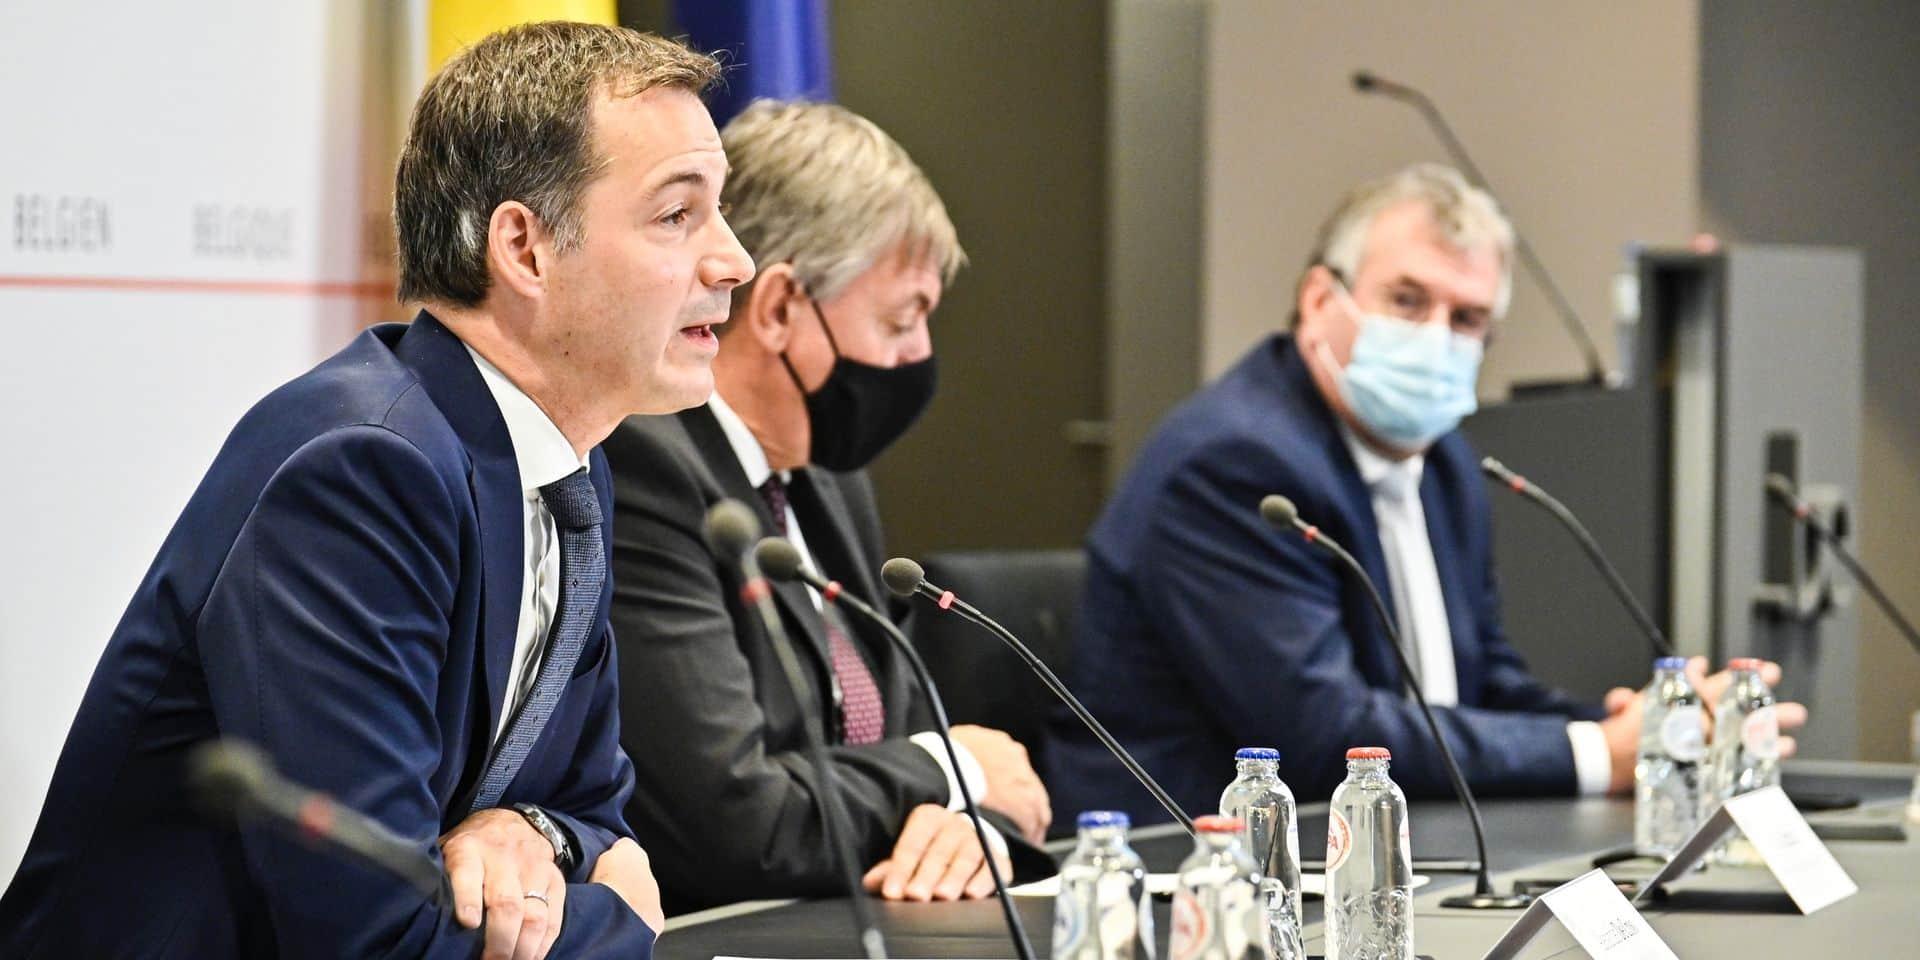 Pas de confinement, mais des mesures un poil plus strictes : le retour du compromis à la belge